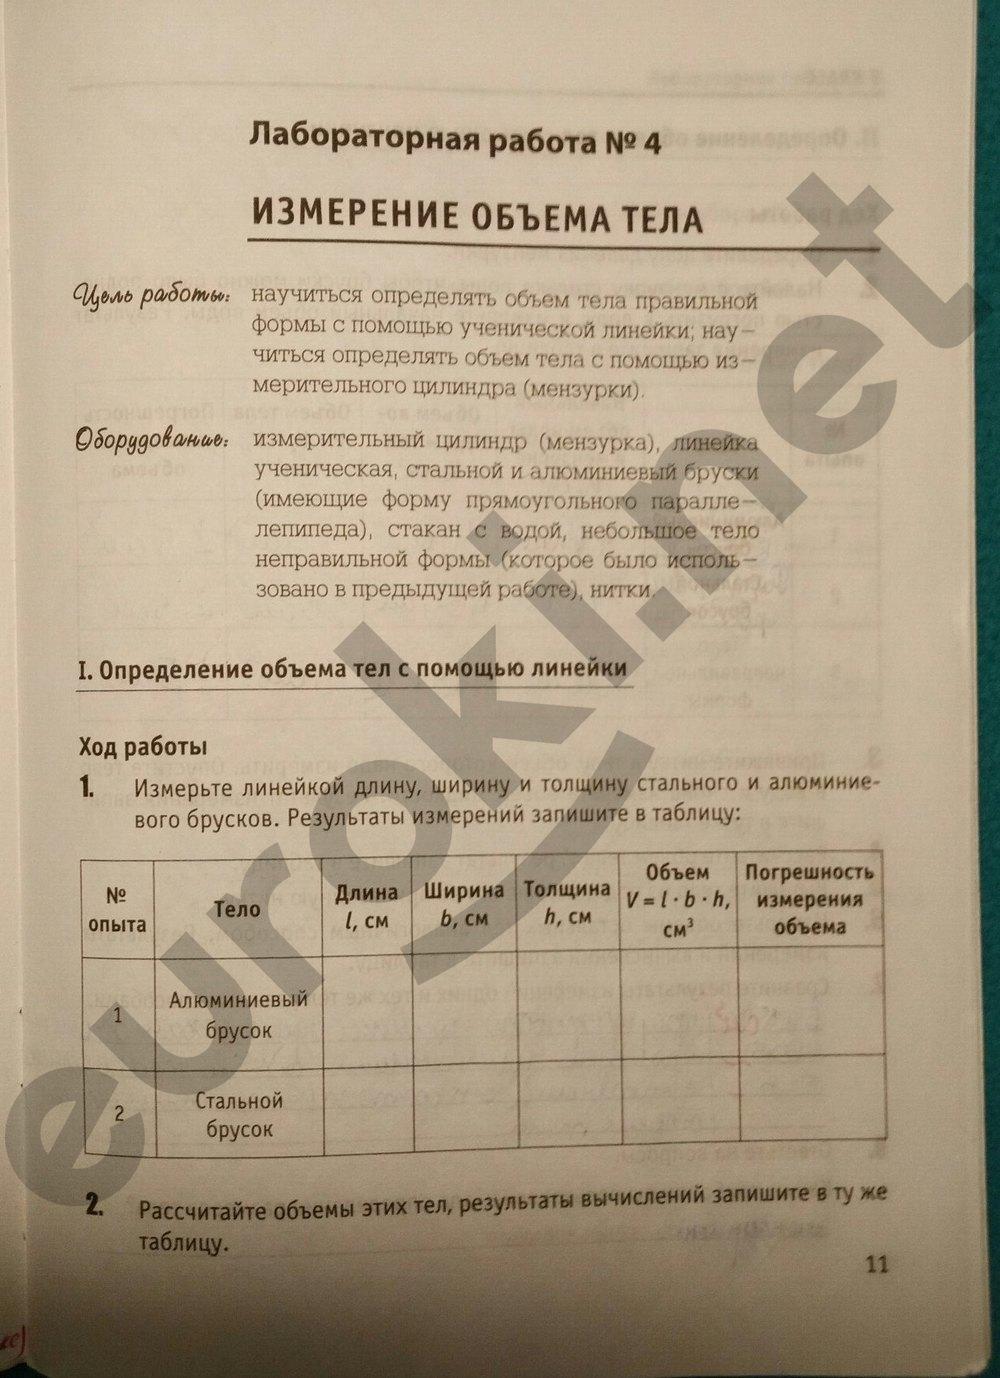 Гдз По Лабораторной Работе По Физике 7 Класс Минькова Иванова